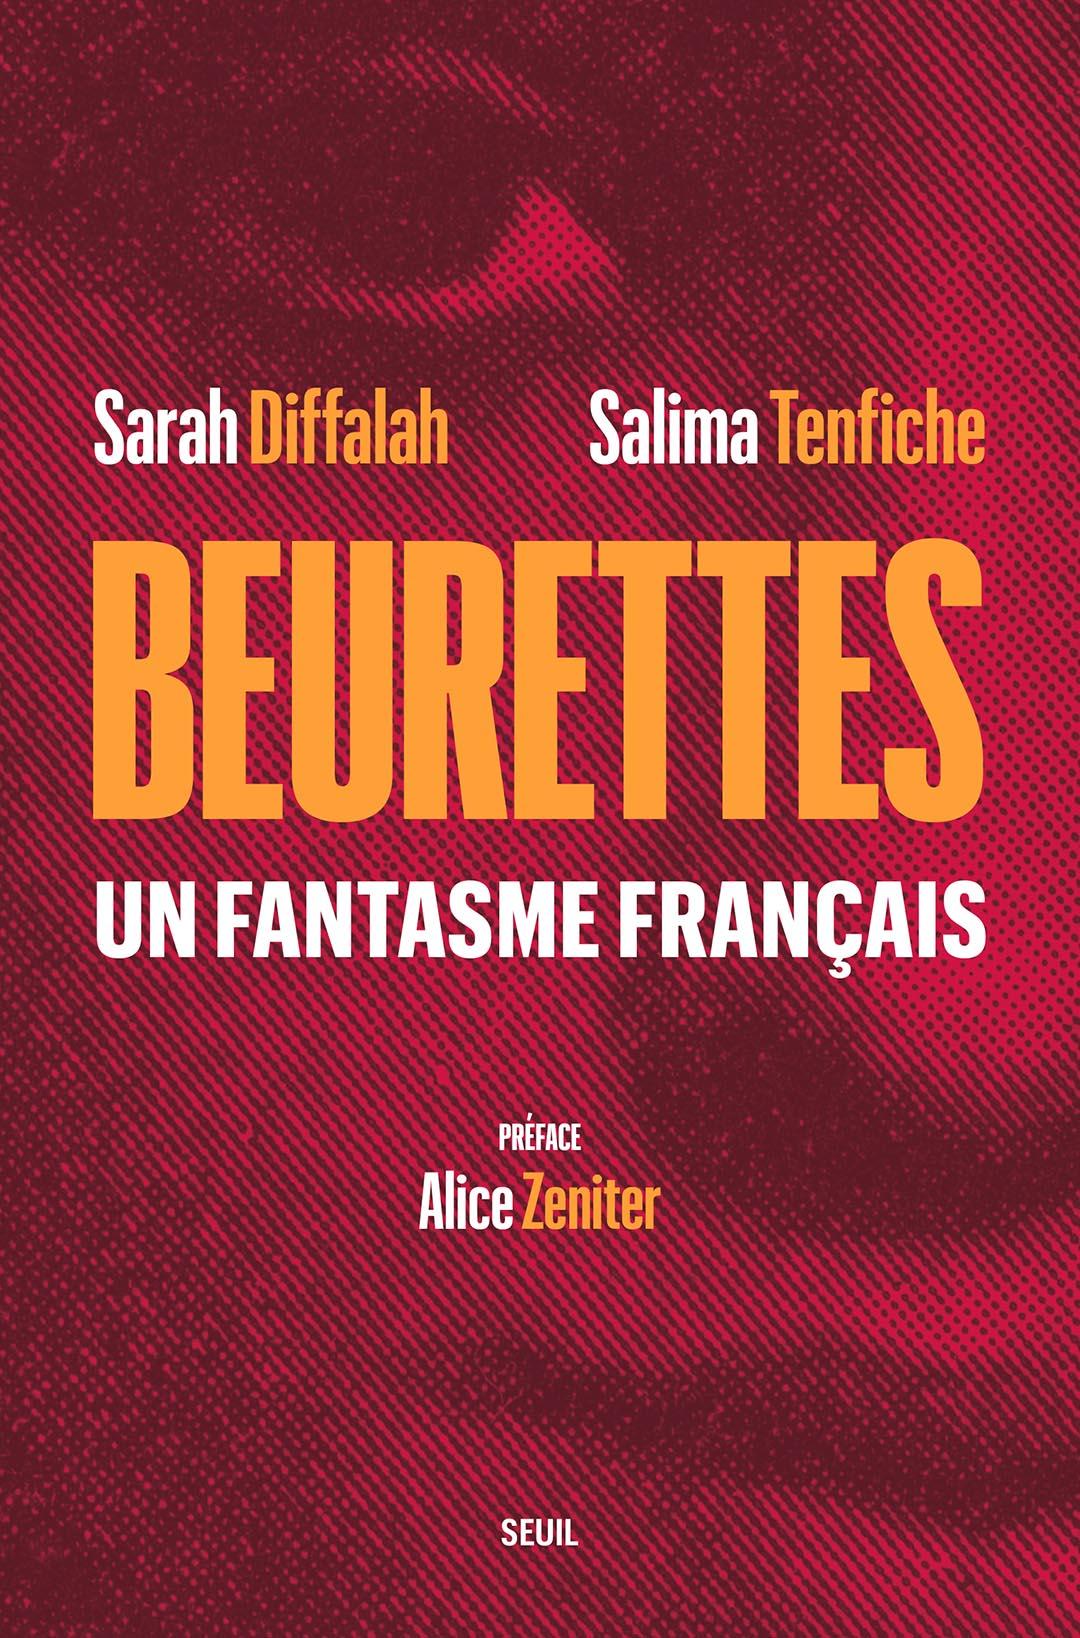 «Beurettes, un fantasme français» est sorti le 6 mai 2021 (320 pages, 21,5€).